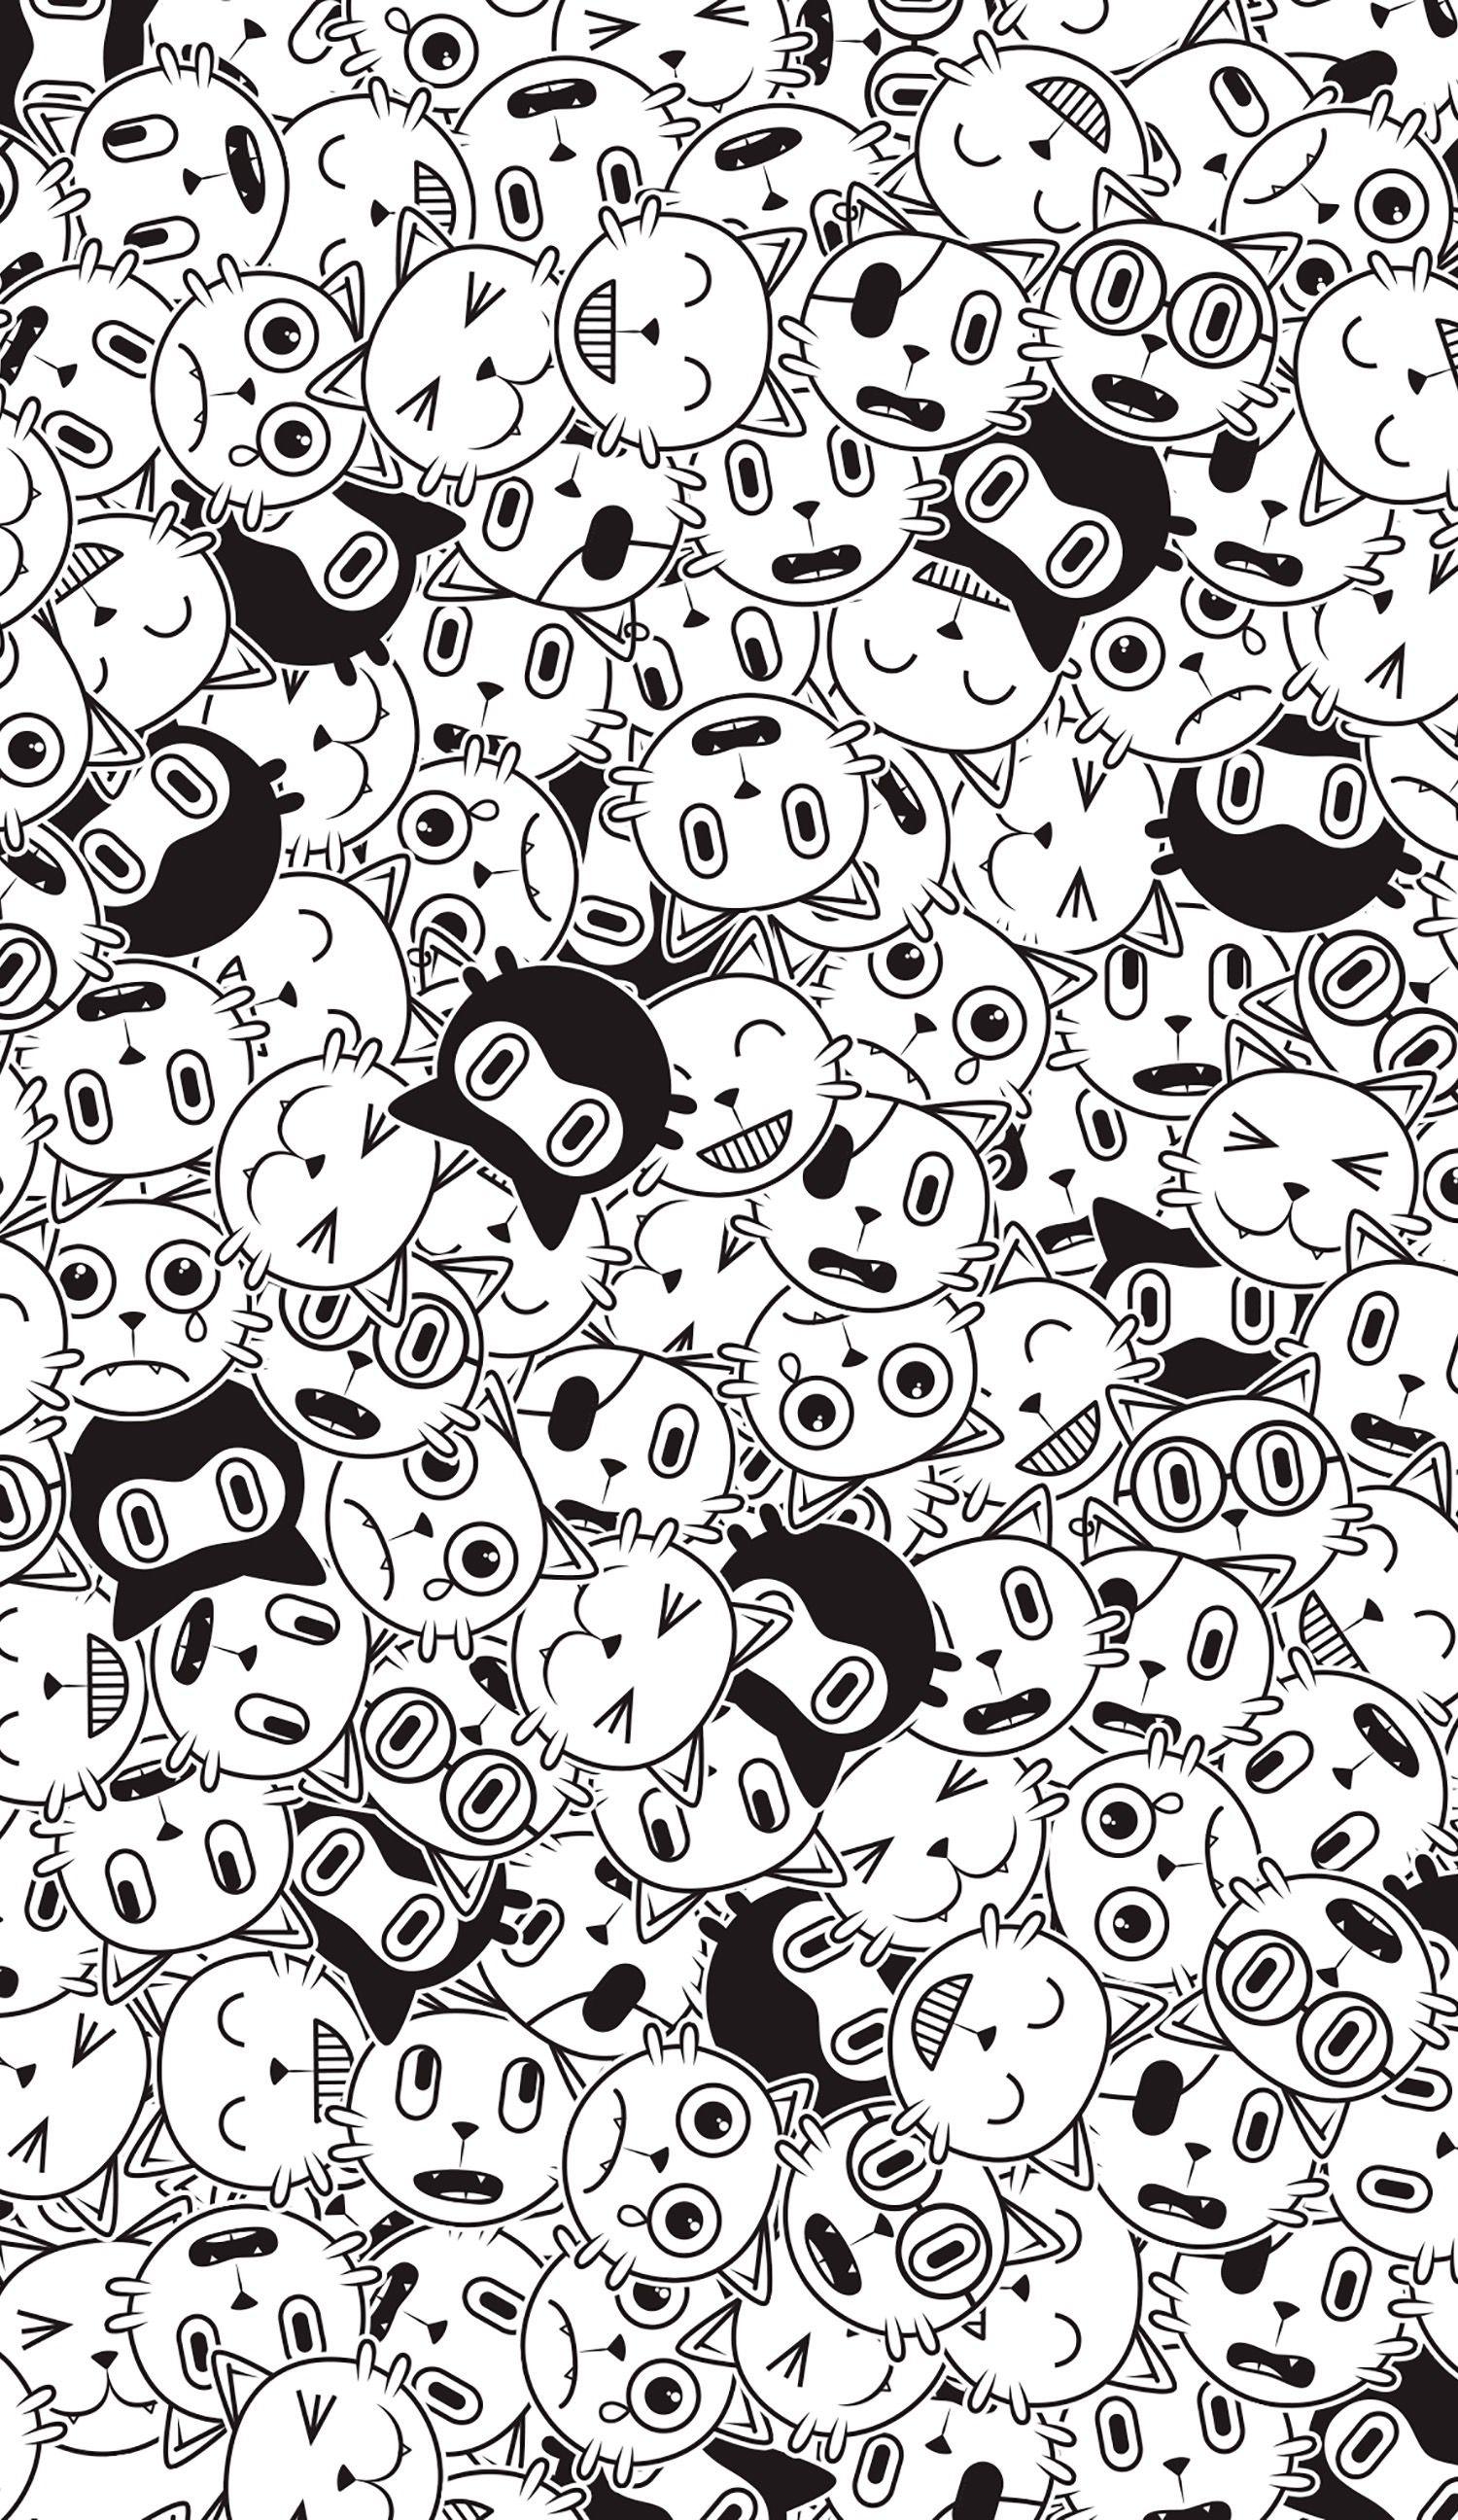 Pin by clarke on Wallpaper vol.1 Cat wallpaper